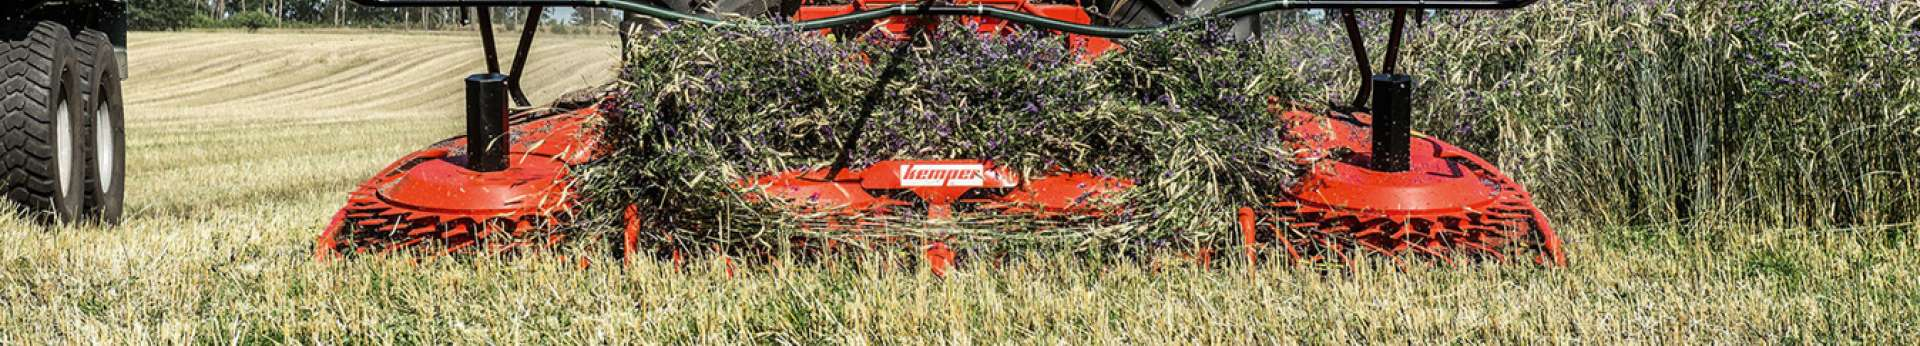 Kemper-przystawka do kukurydzy w pracy